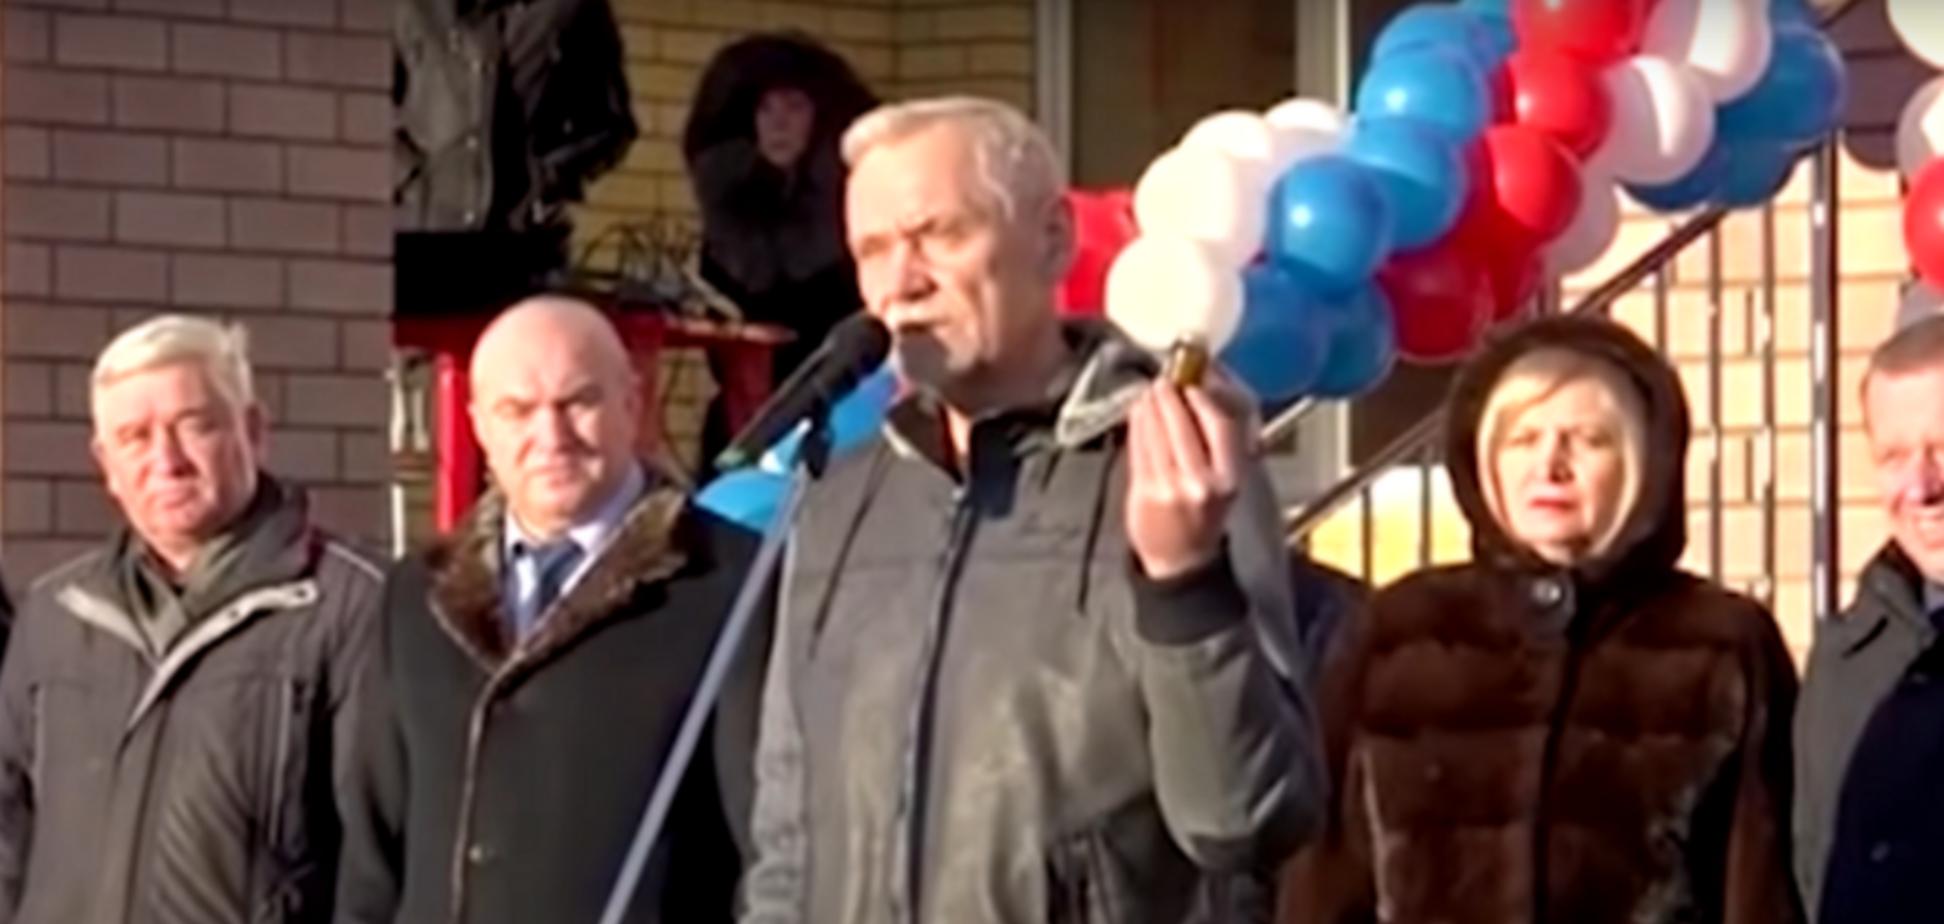 'Їм стане в нагоді': в Росії депутат подарував чиновникам вазелін. Відео